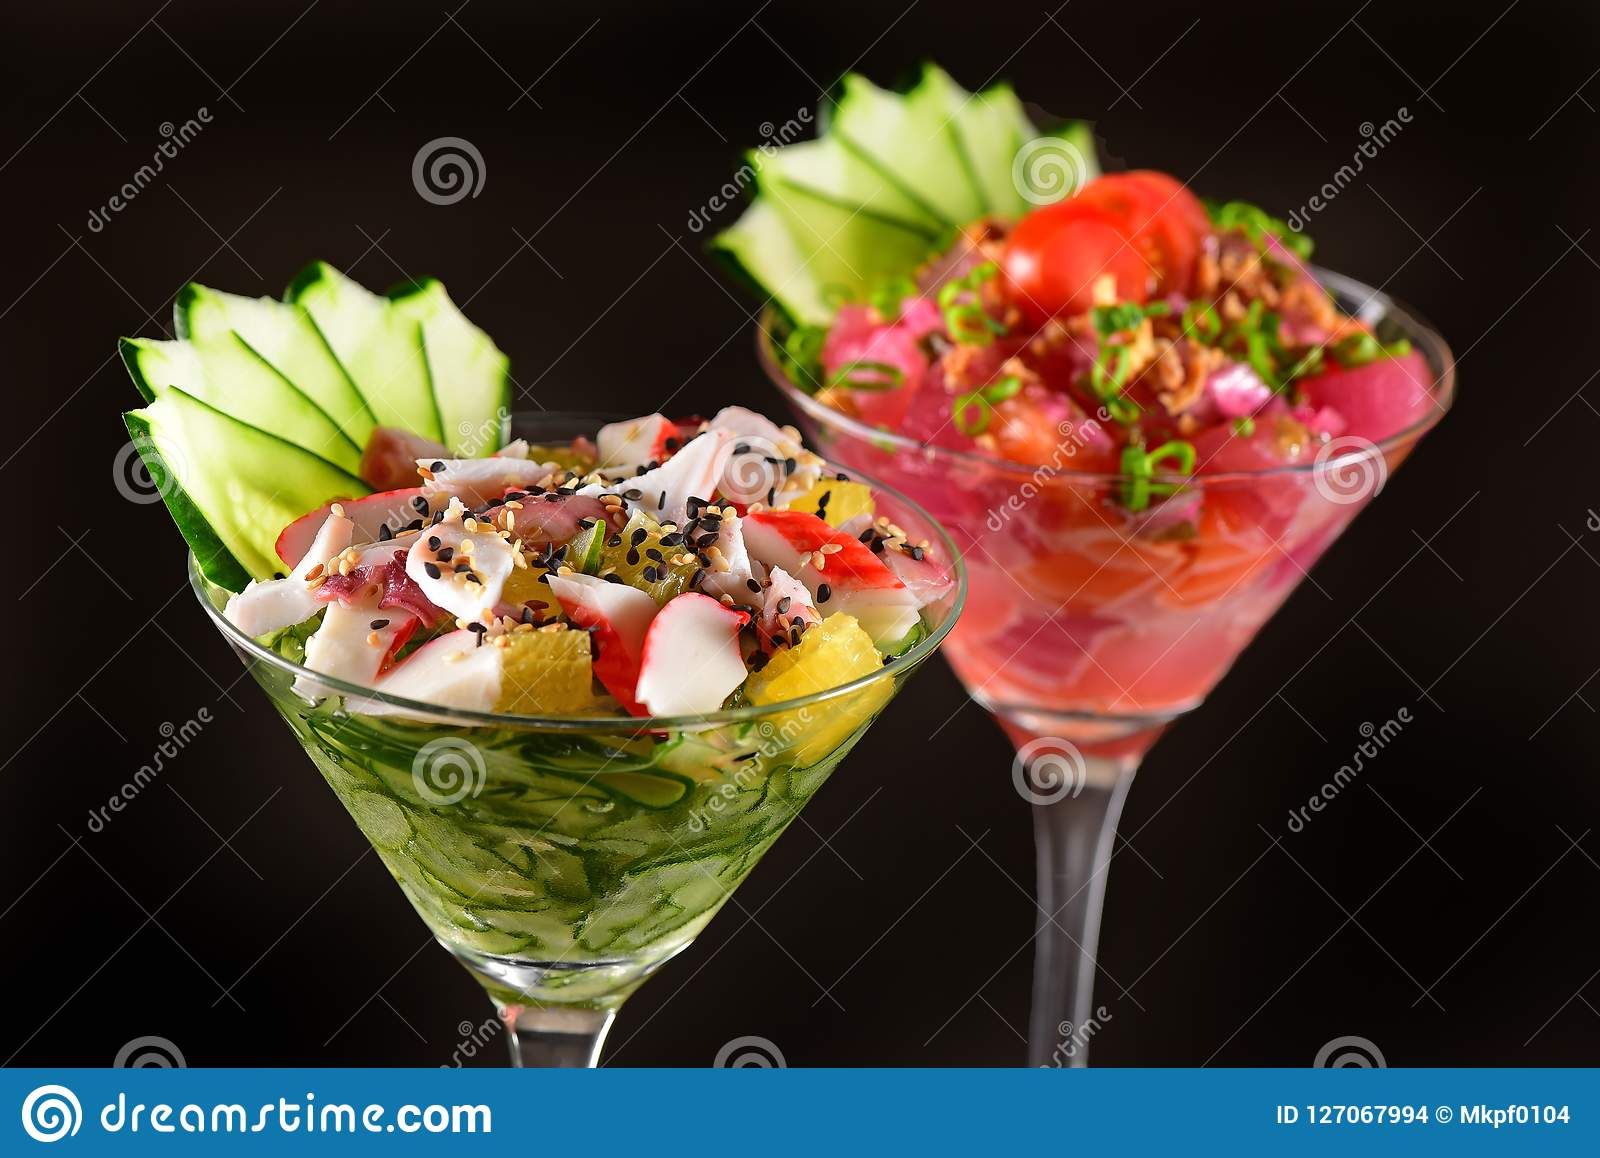 Zalm en krab ceviche glazen